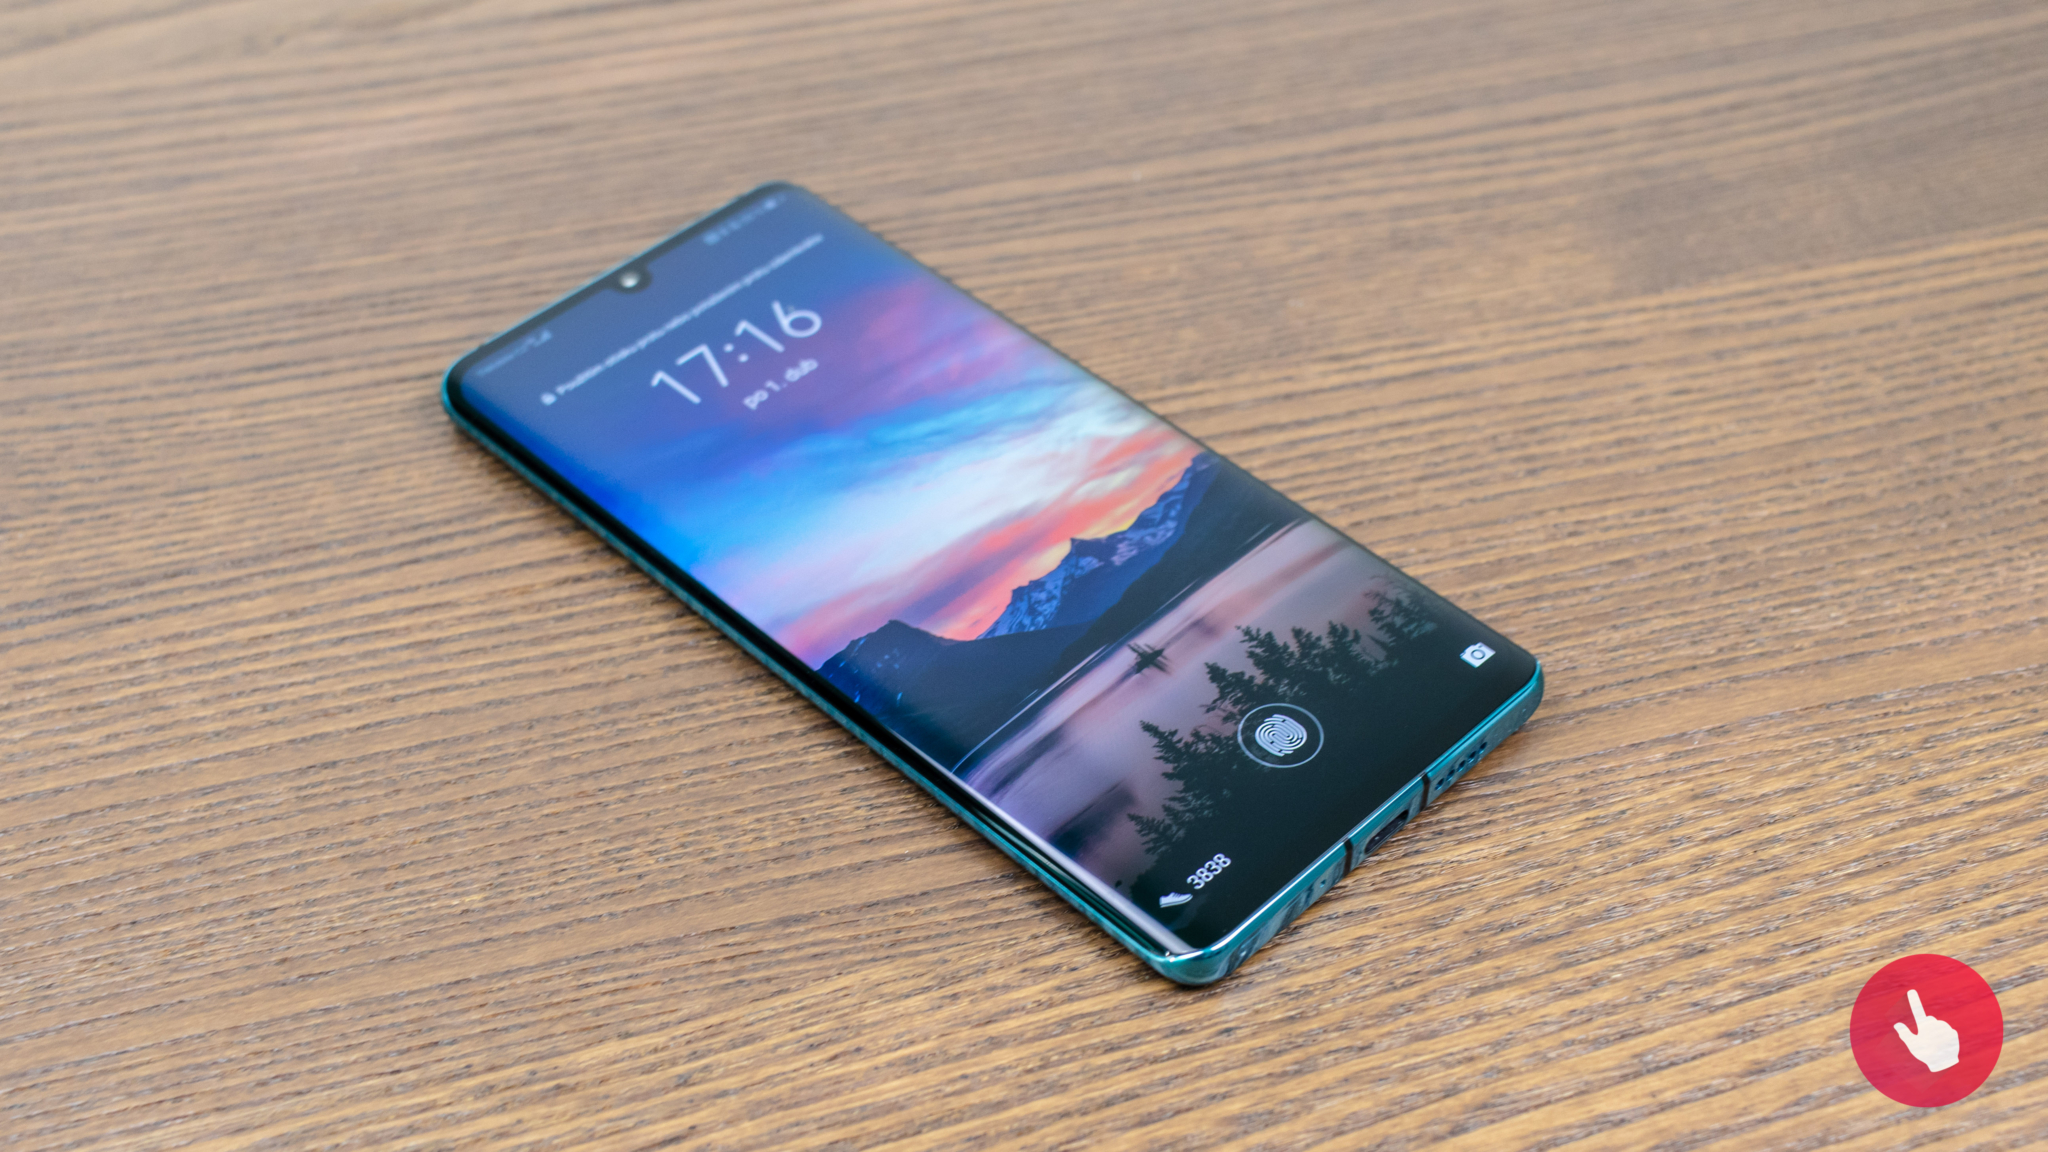 Huawei začalo zobrazovat reklamu na zamykací obrazovce svých smartphonů